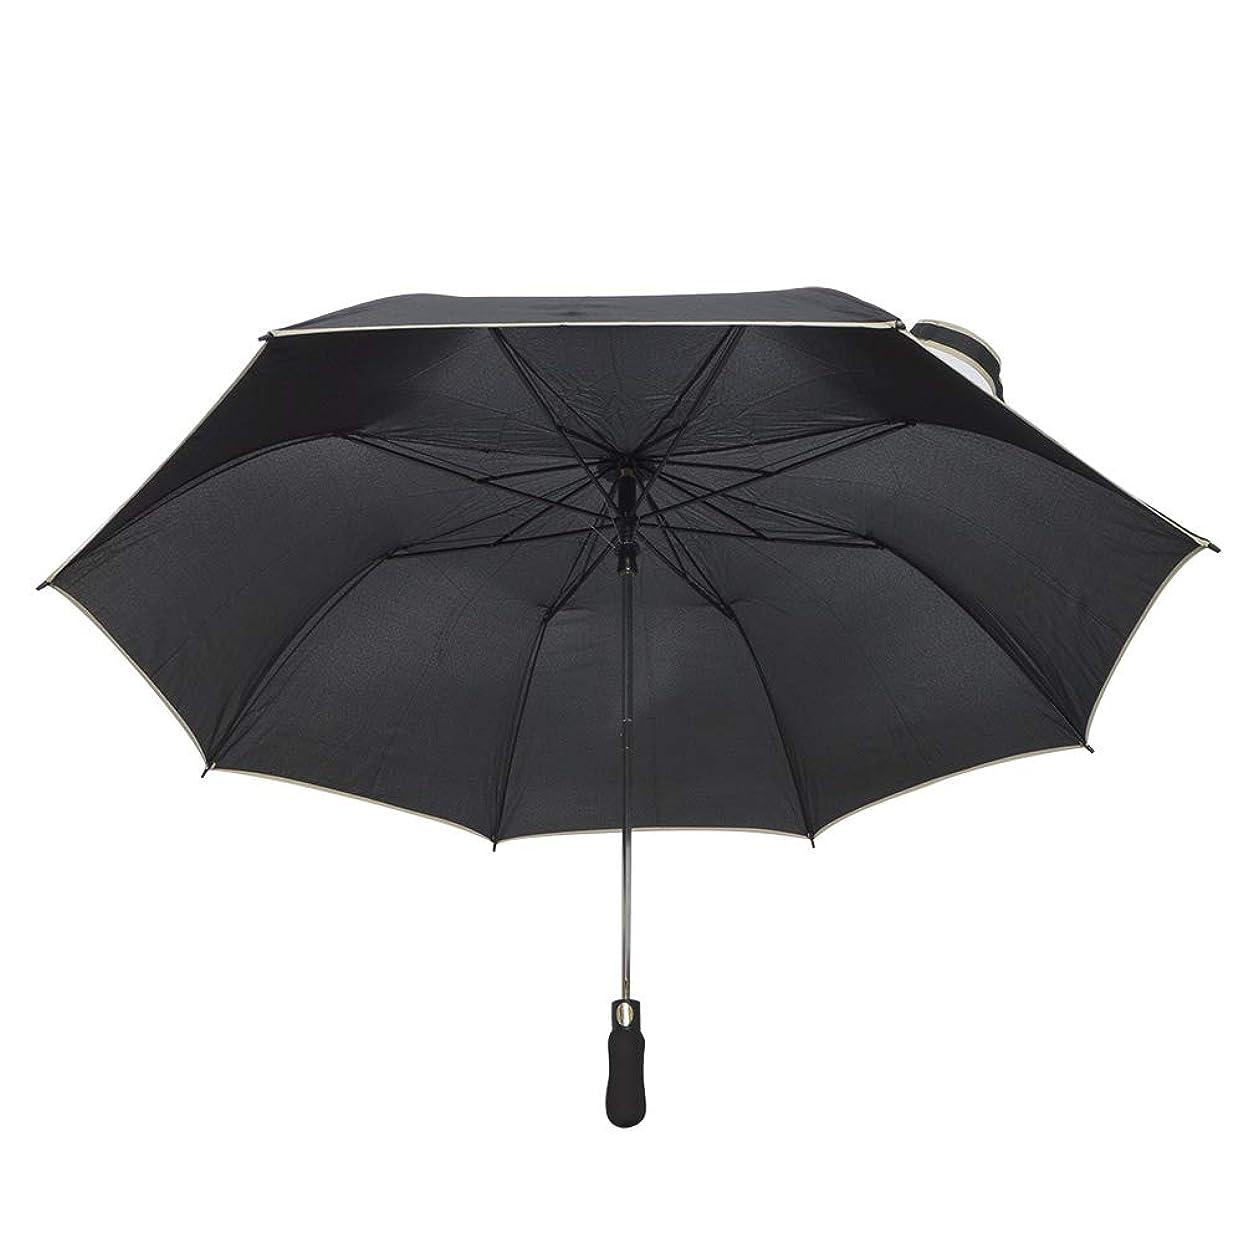 アルコーブ東ティモールライトニング[ピンクトリック] 折りたたみ 傘 晴雨兼用 UVカット